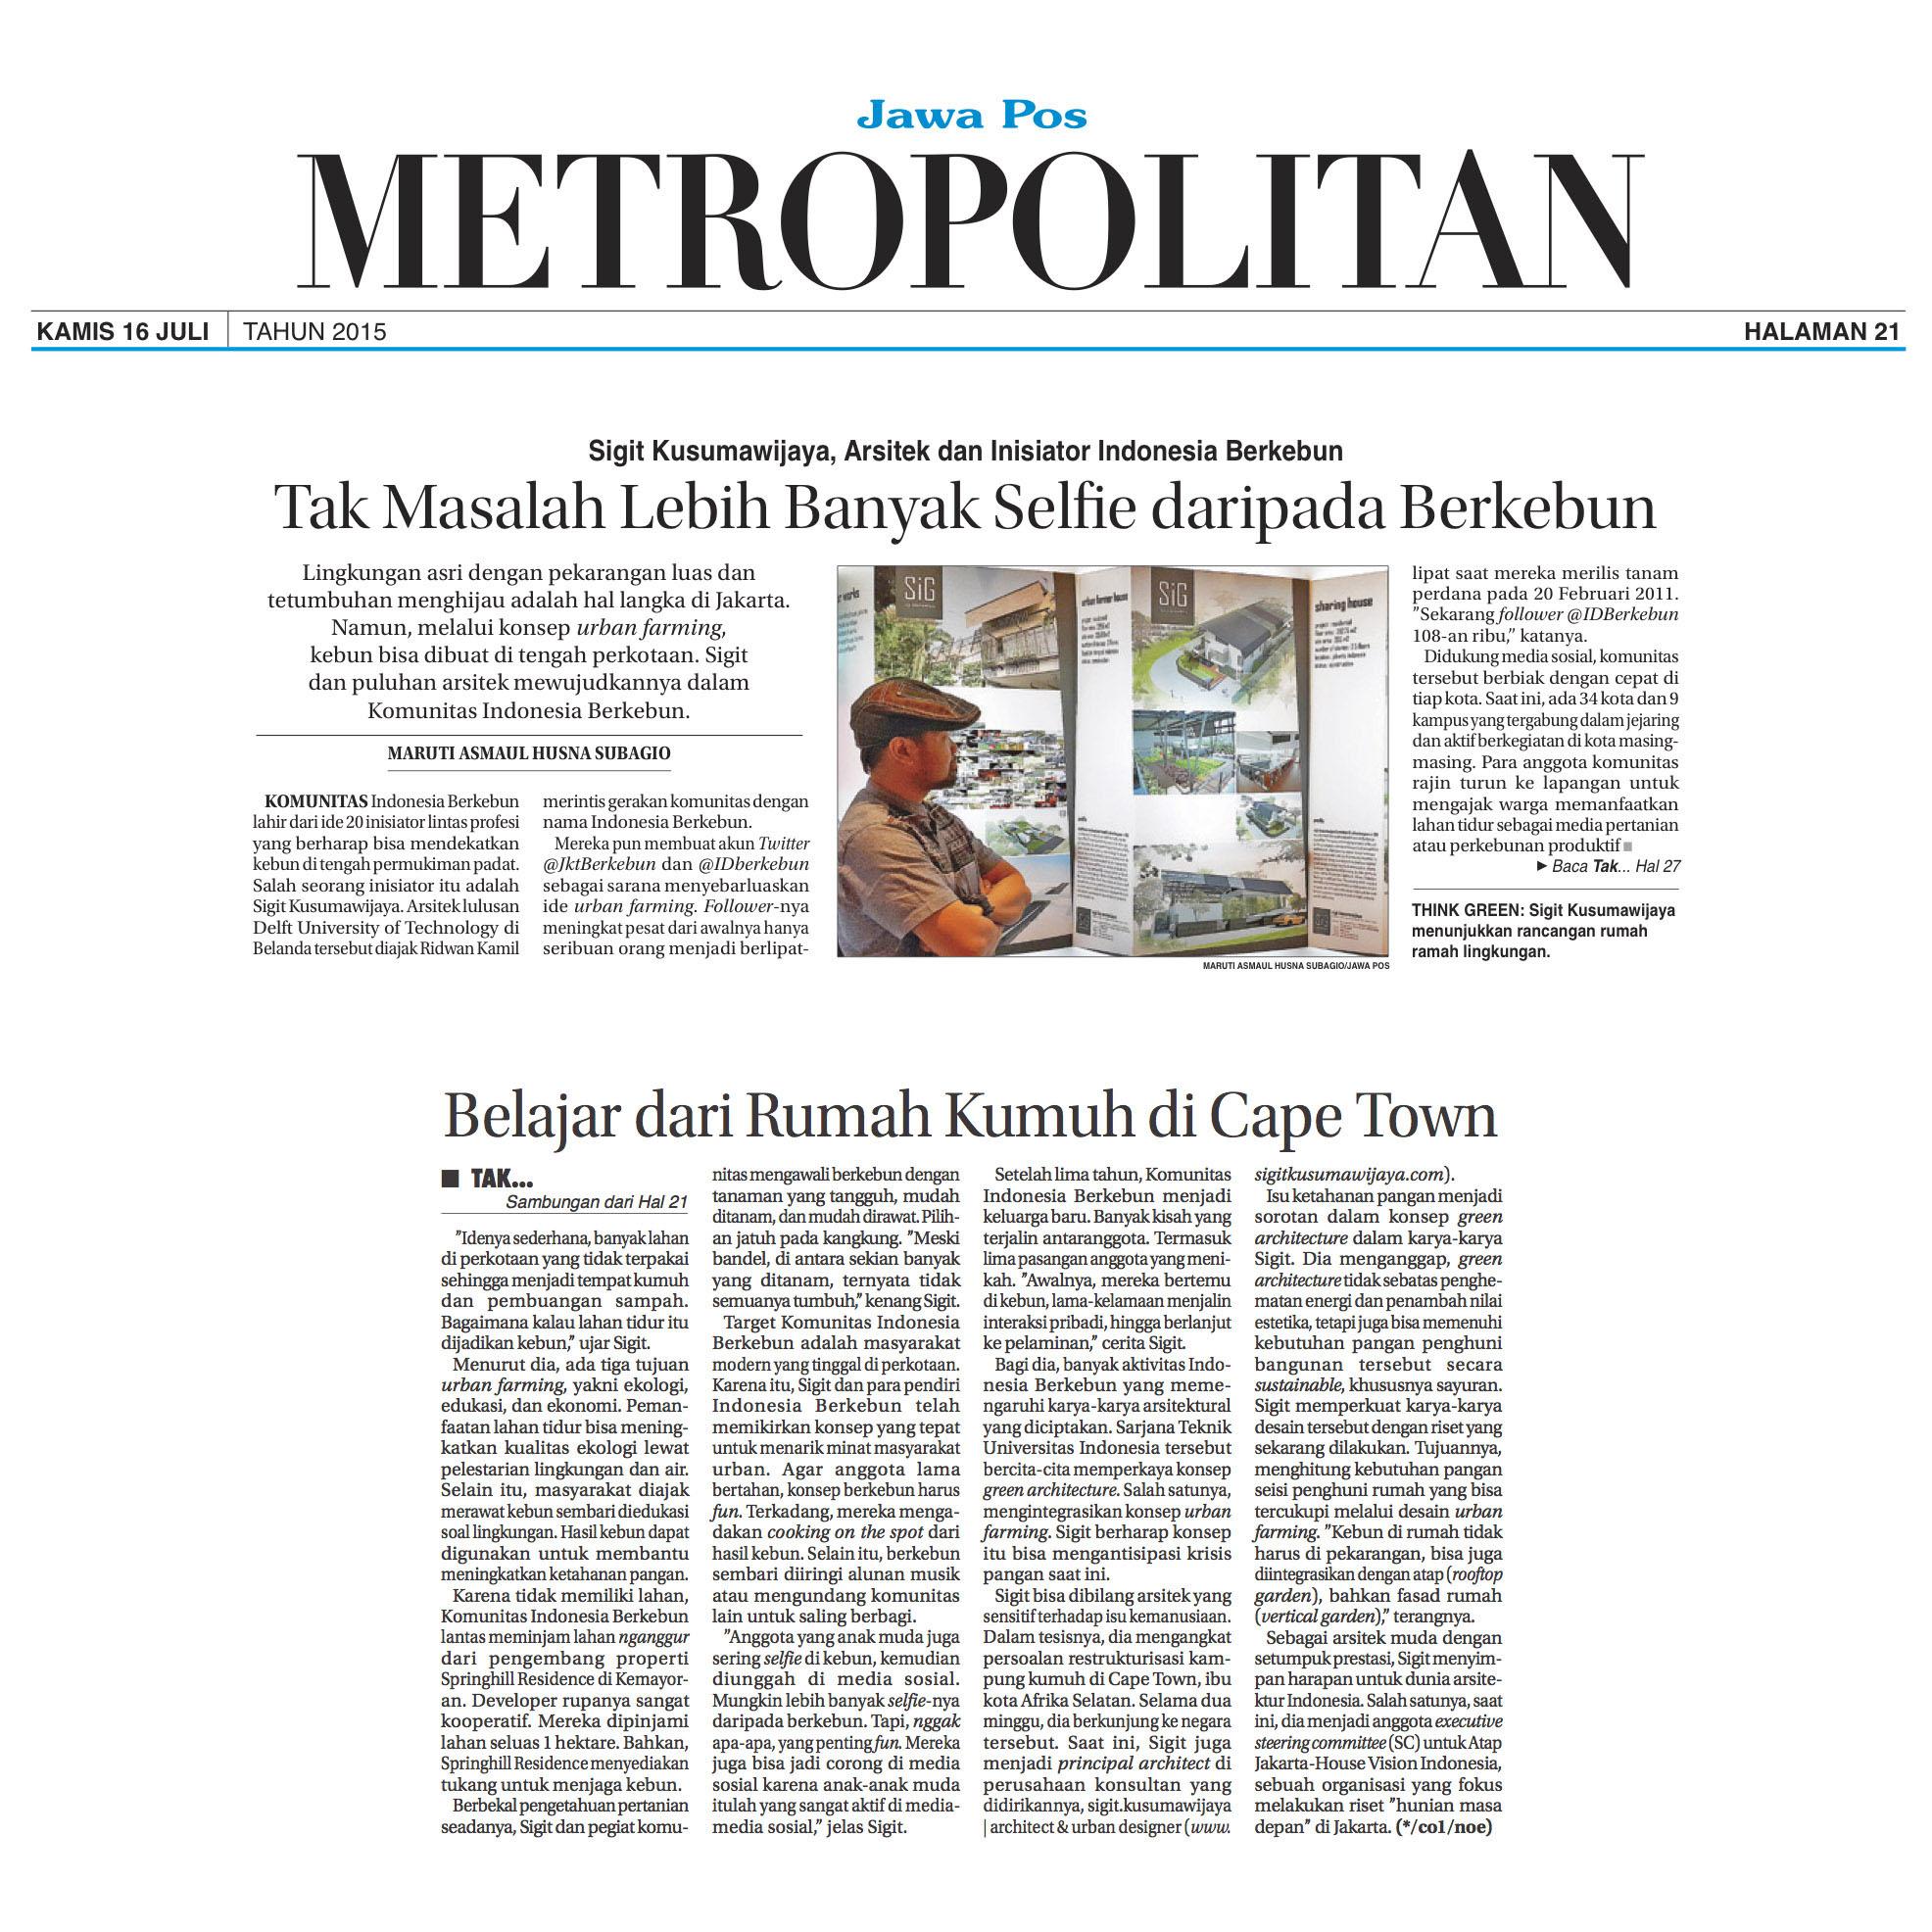 2015-07-16 Jawa Pos Metropolitan page 21-27